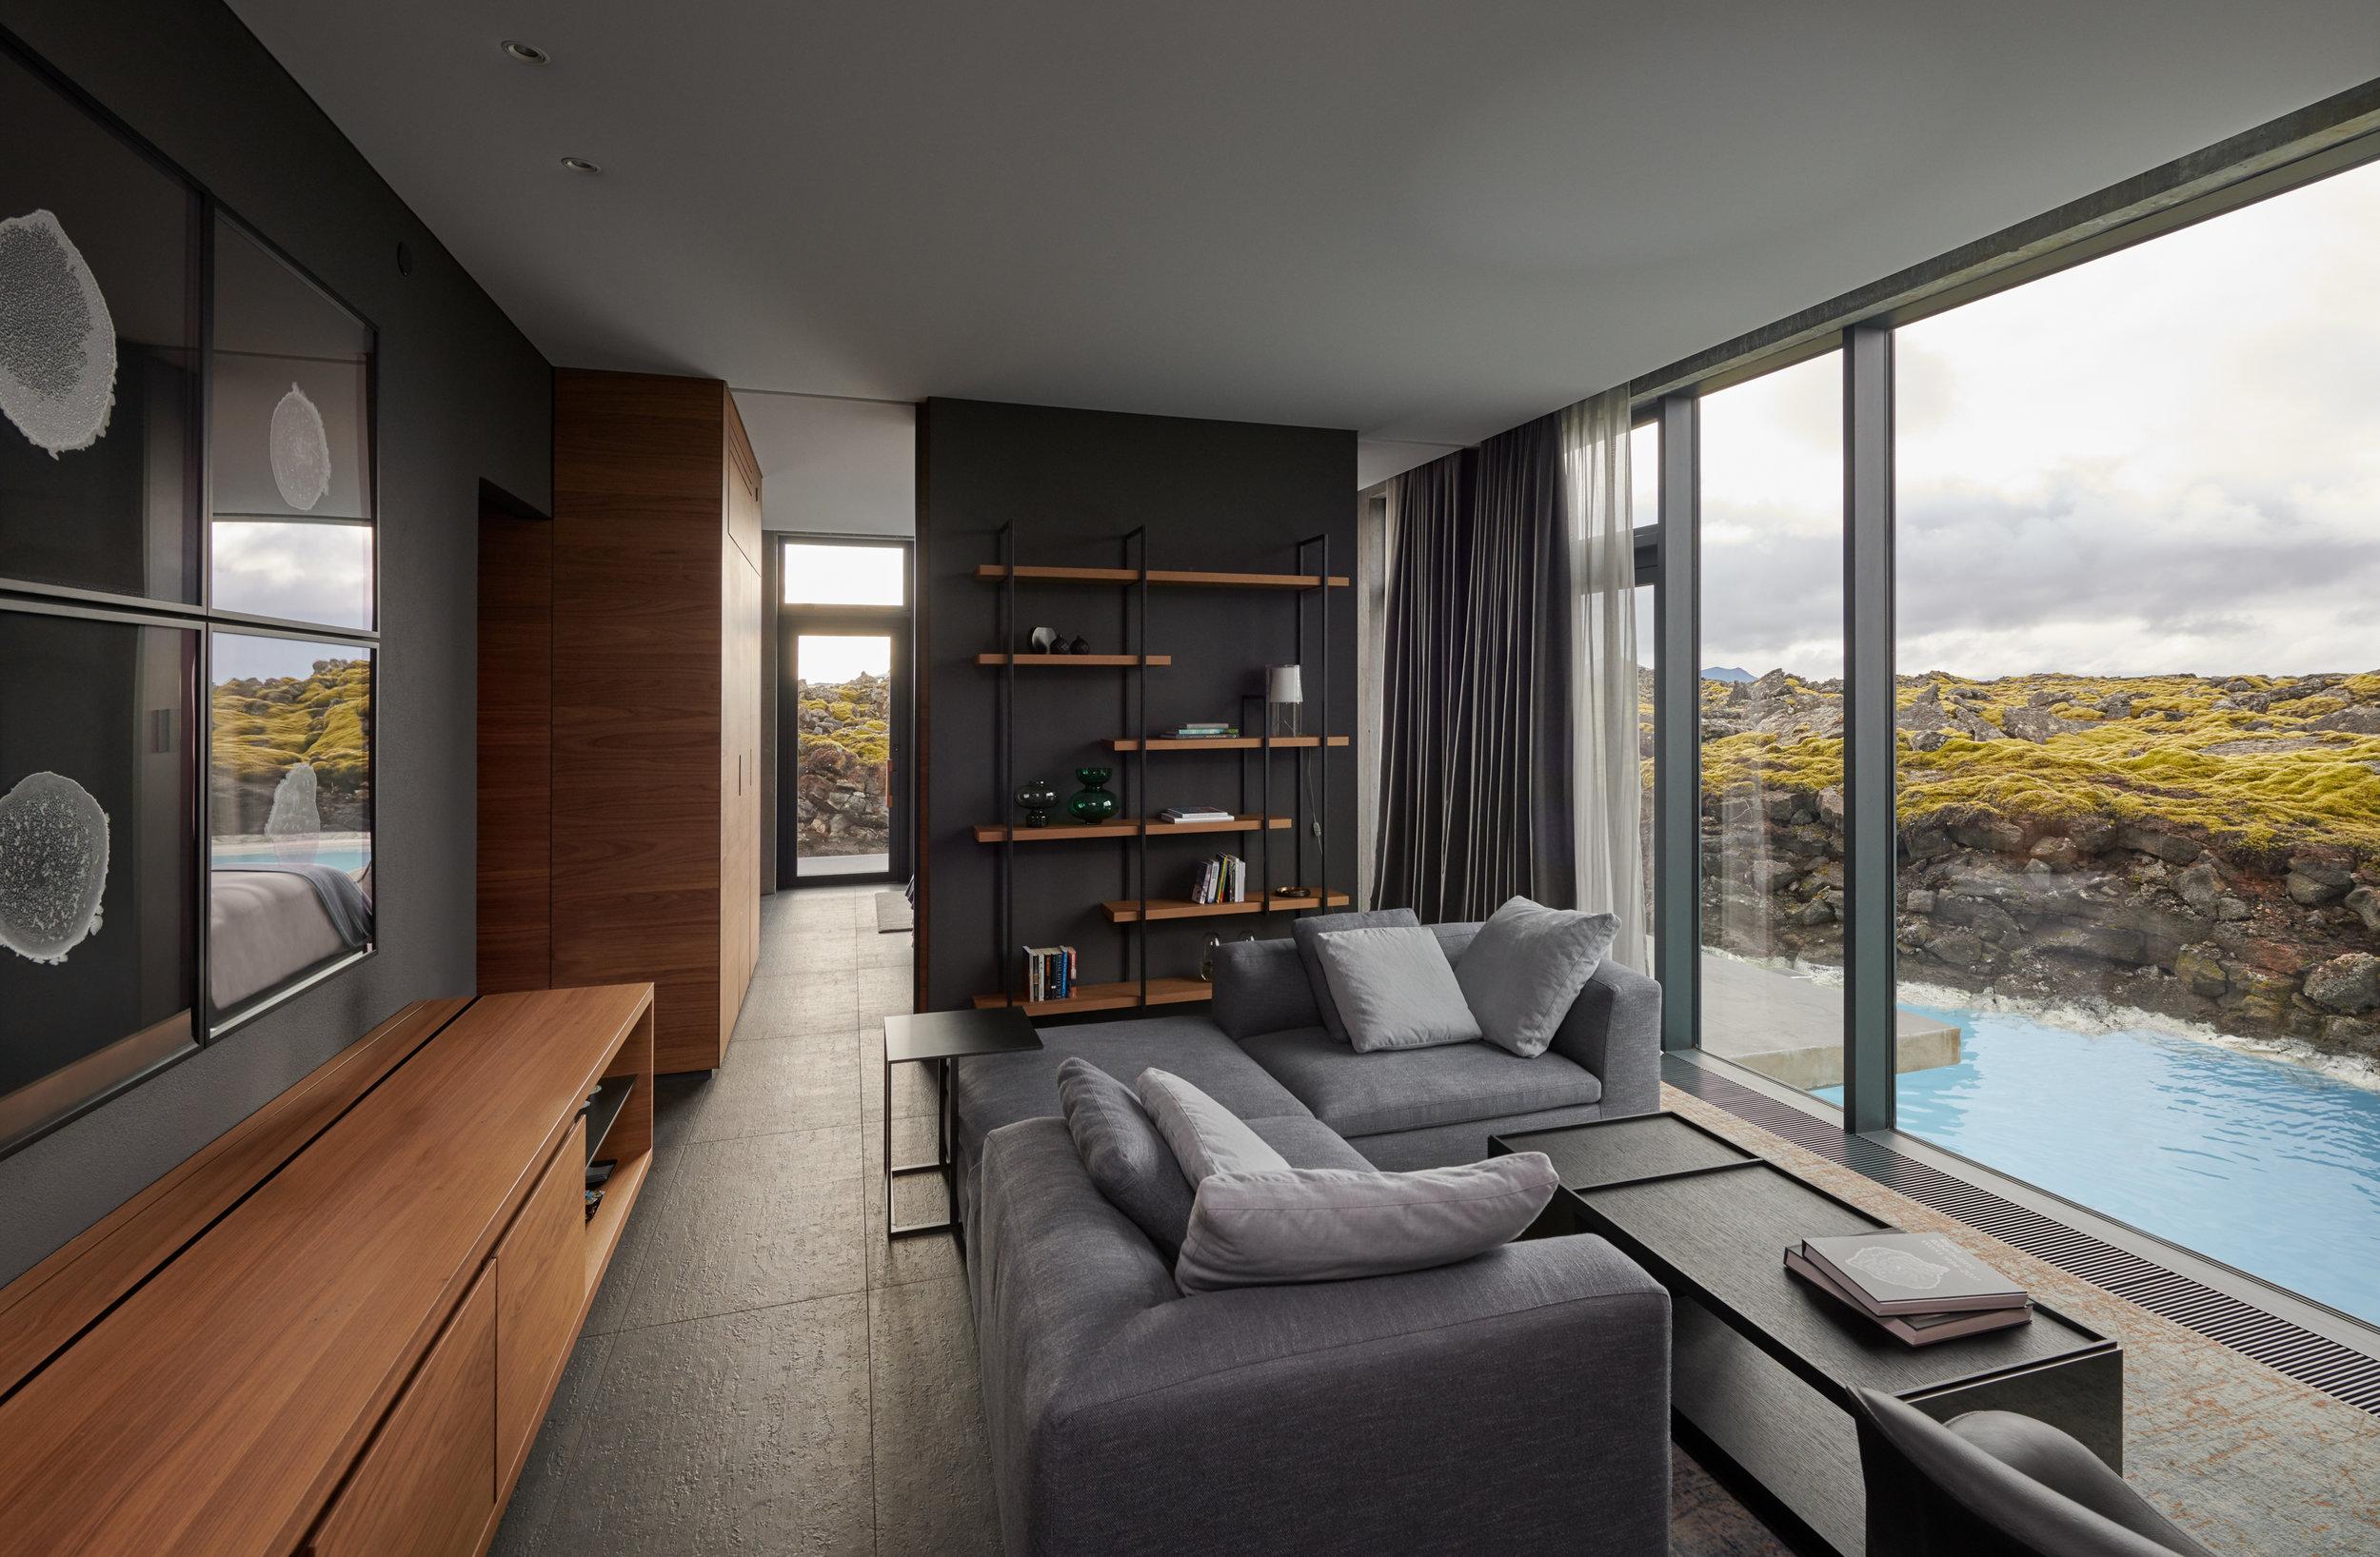 Lagoon_suite_living_room_area.jpg